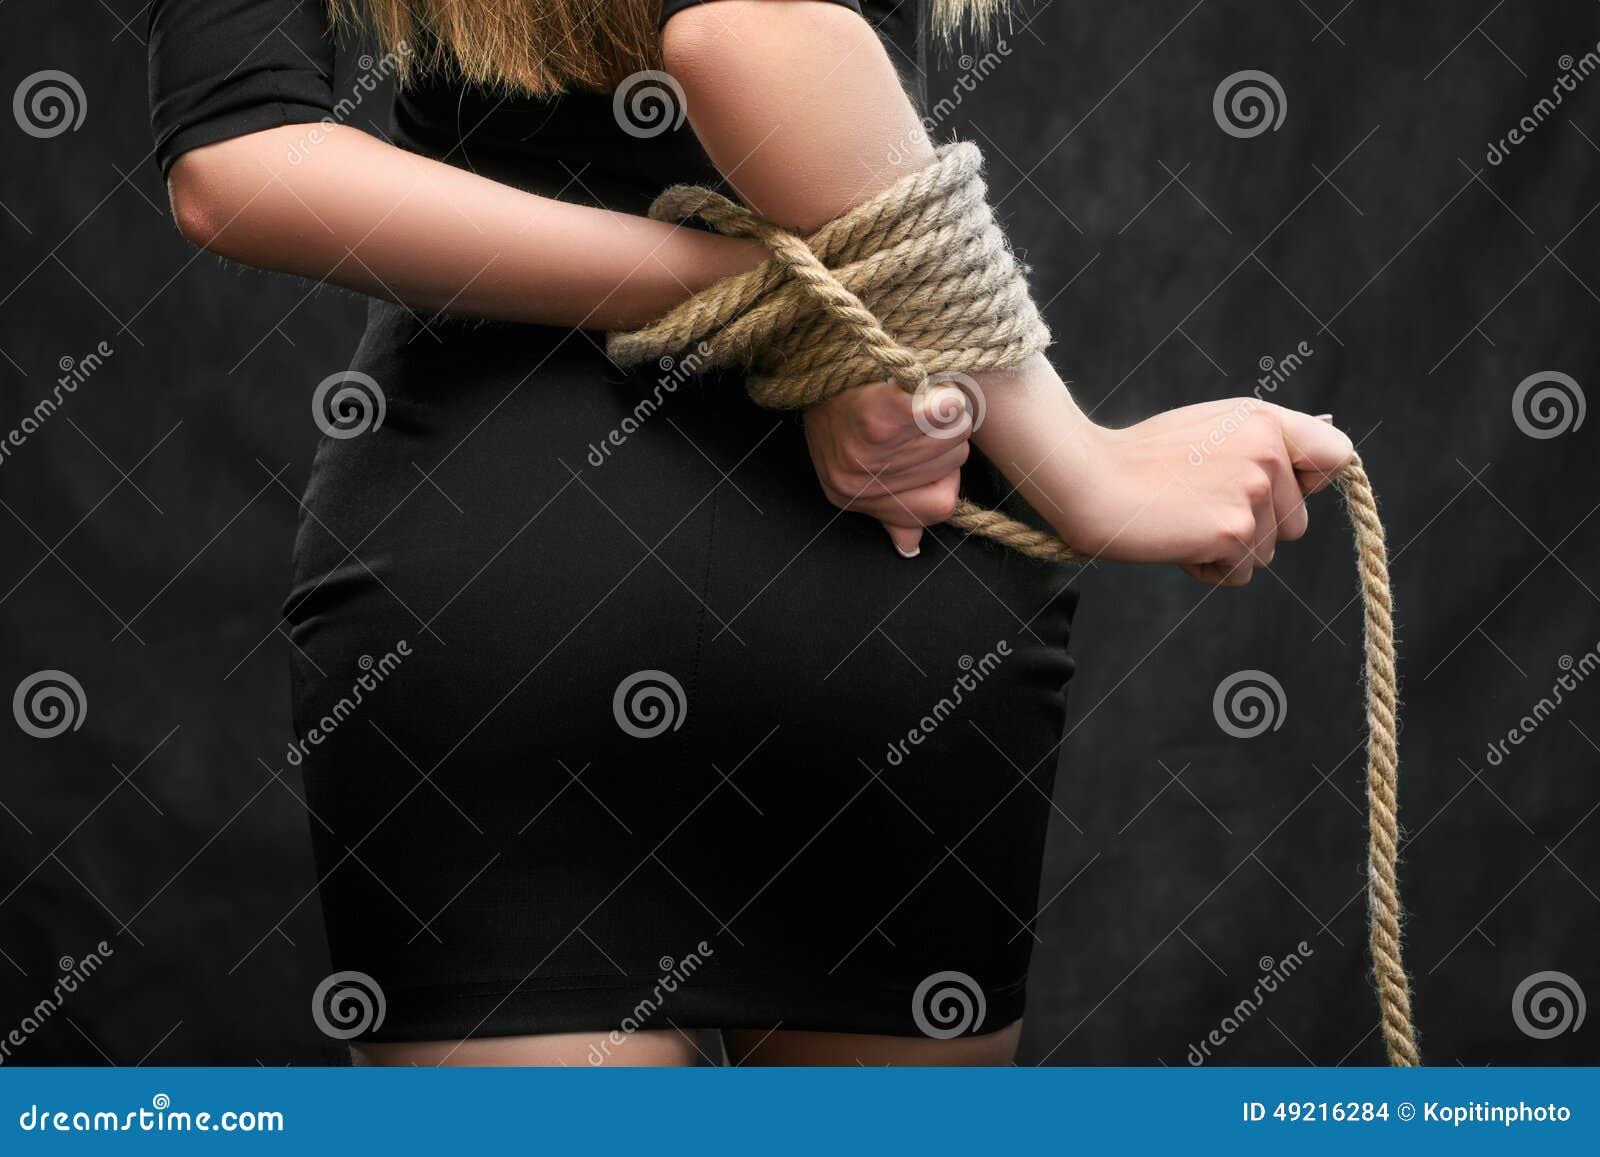 Бесплатные фото женщин связанных в наручниках фото 172-690